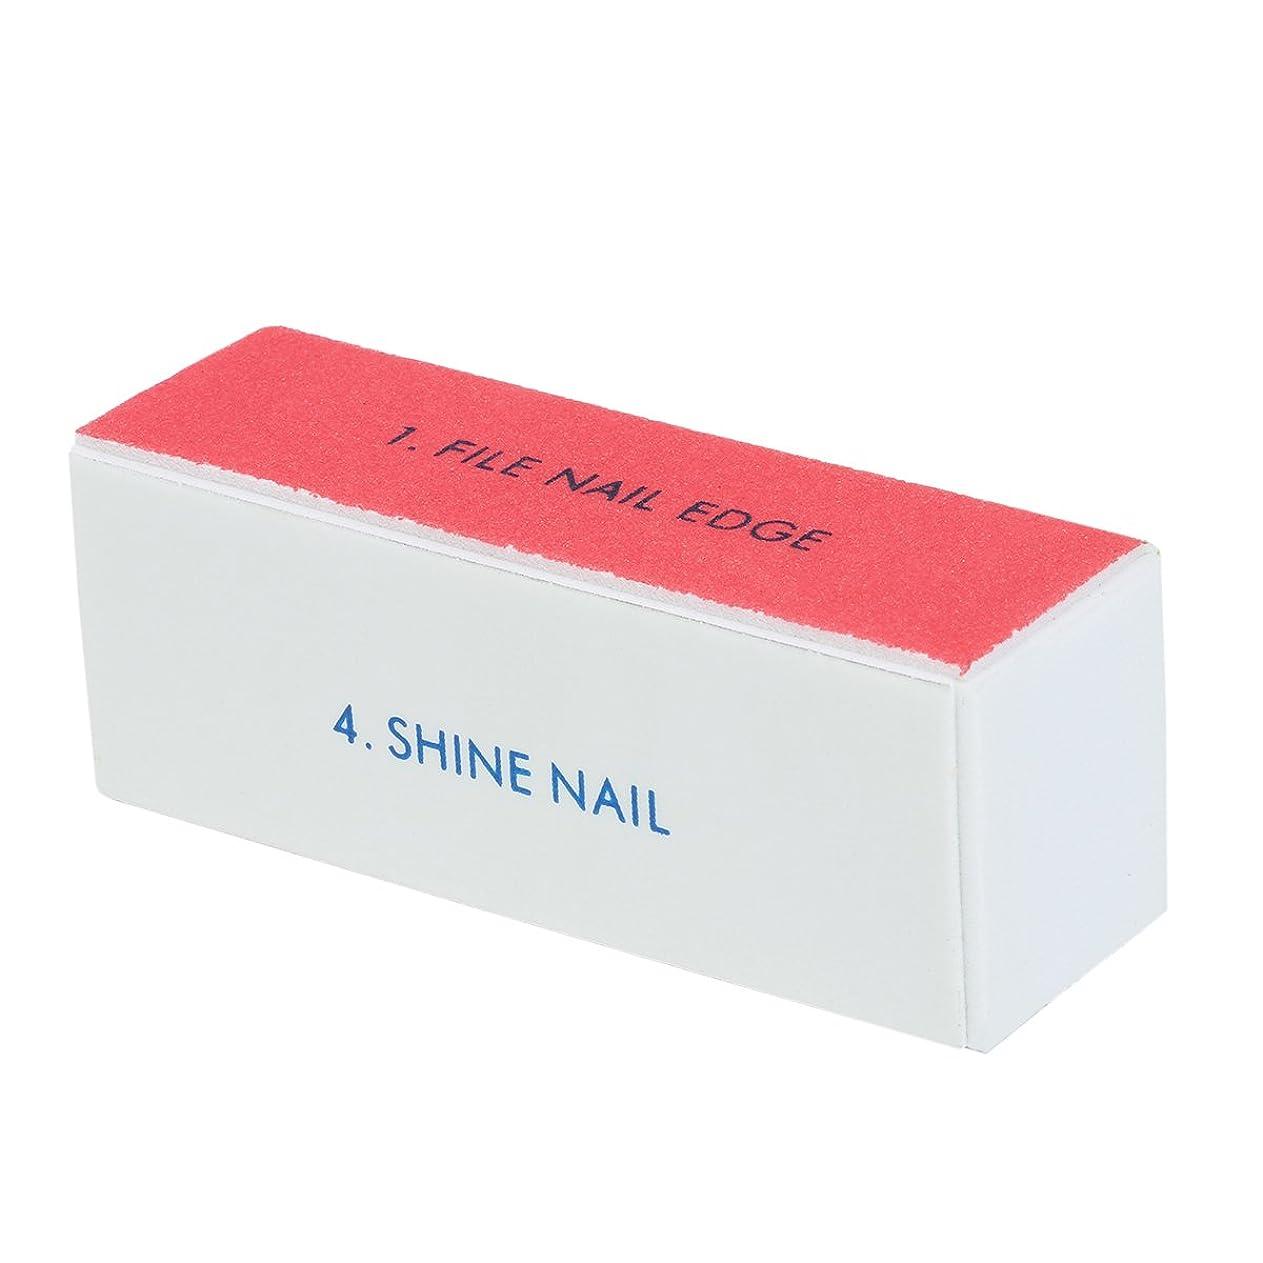 固める起業家入口Goshang ブロックバッファー 爪やすり 爪磨き 4面ブロックバッファー ネイルシャイン ネイルケア